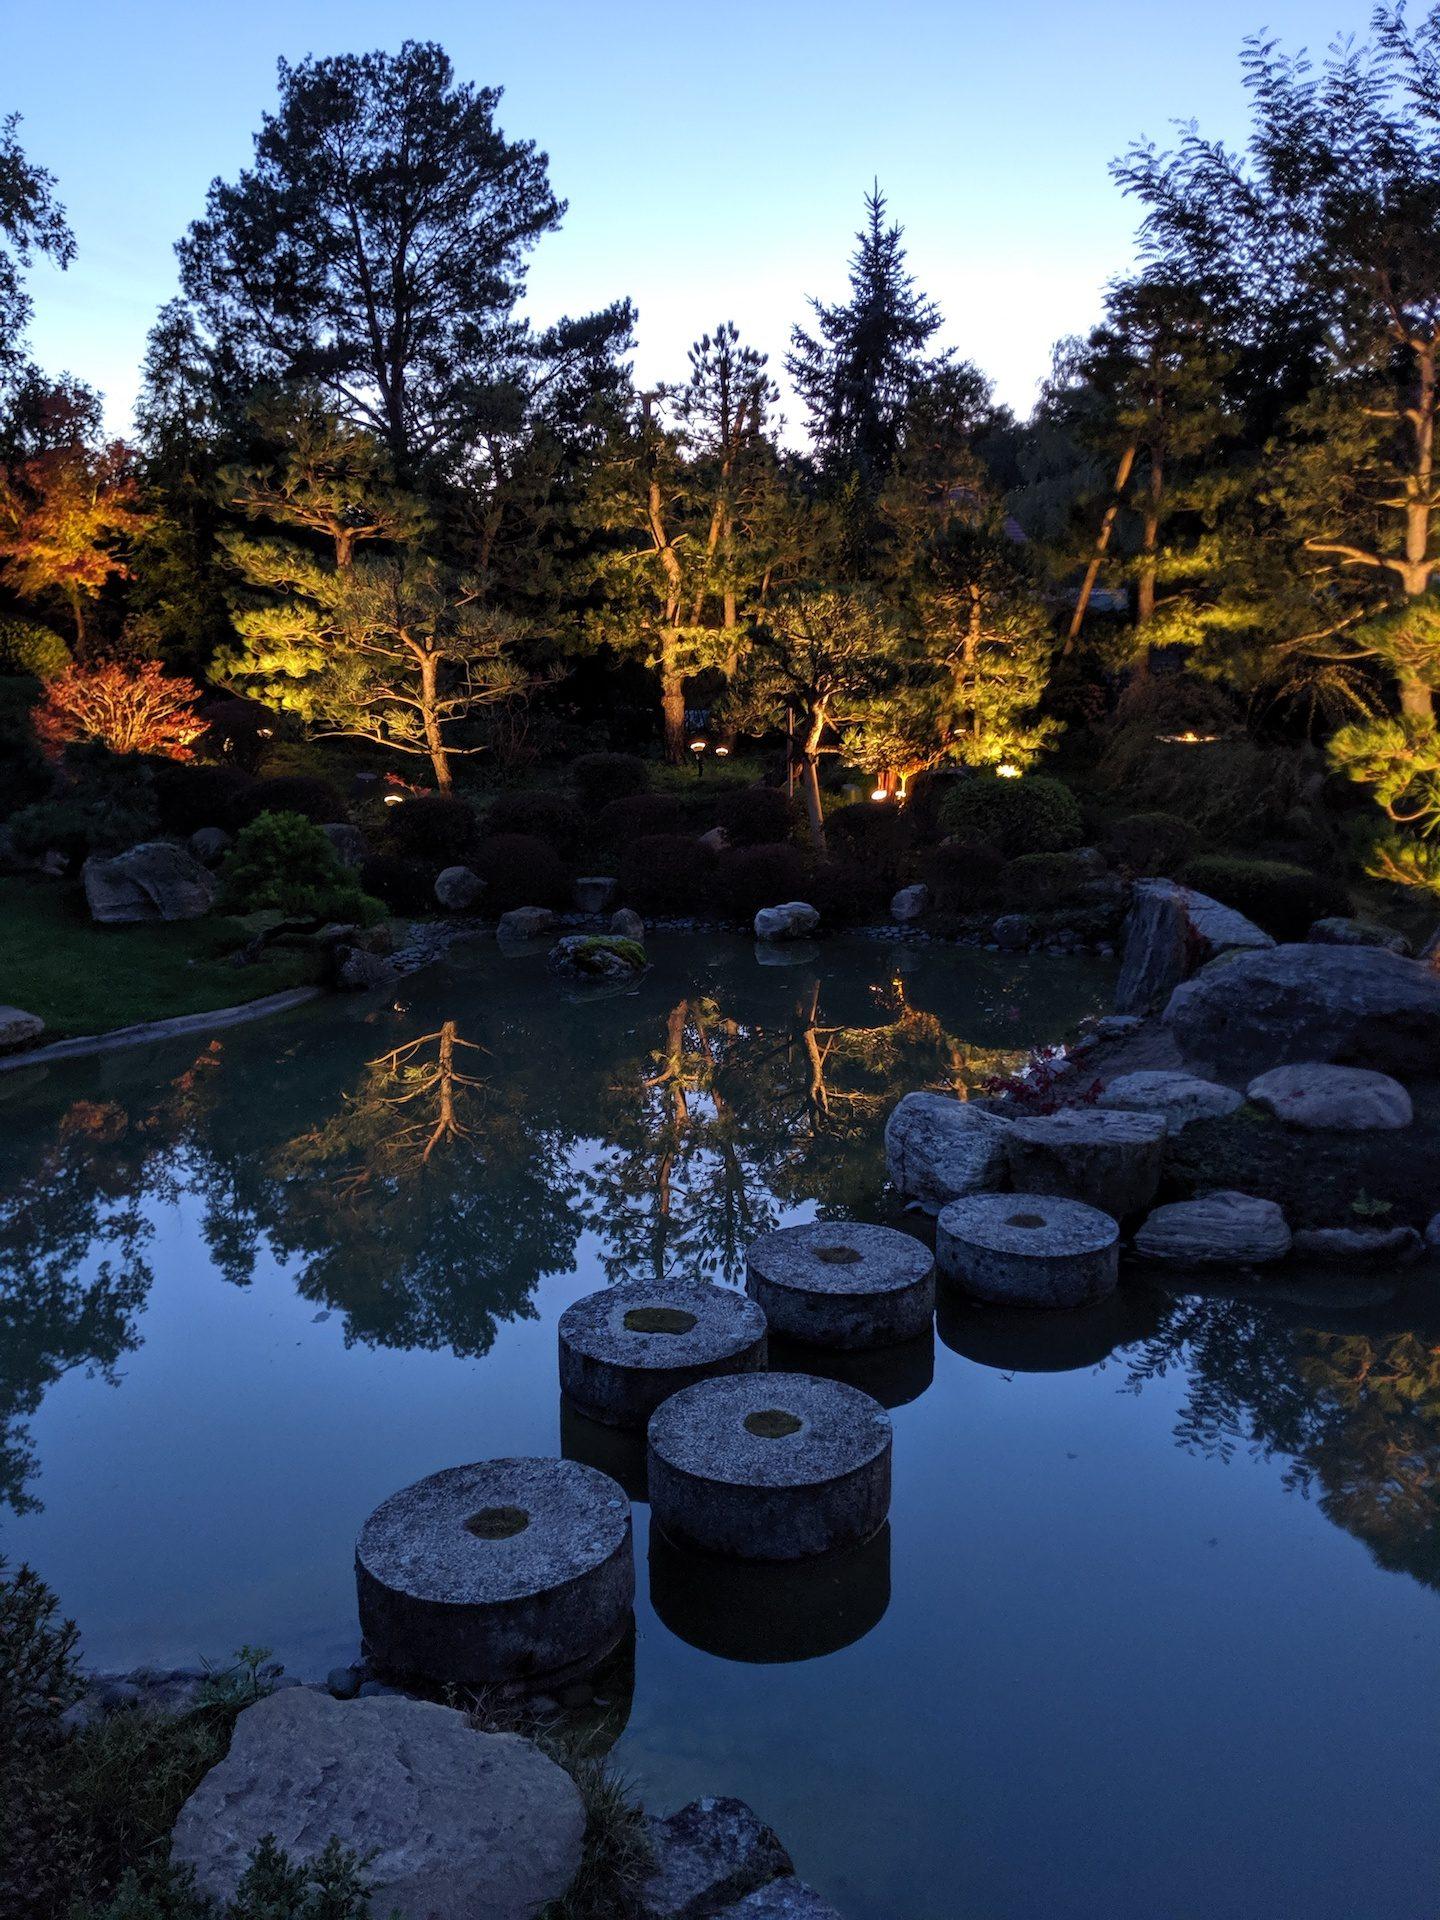 herbstreise-bonsaigarten